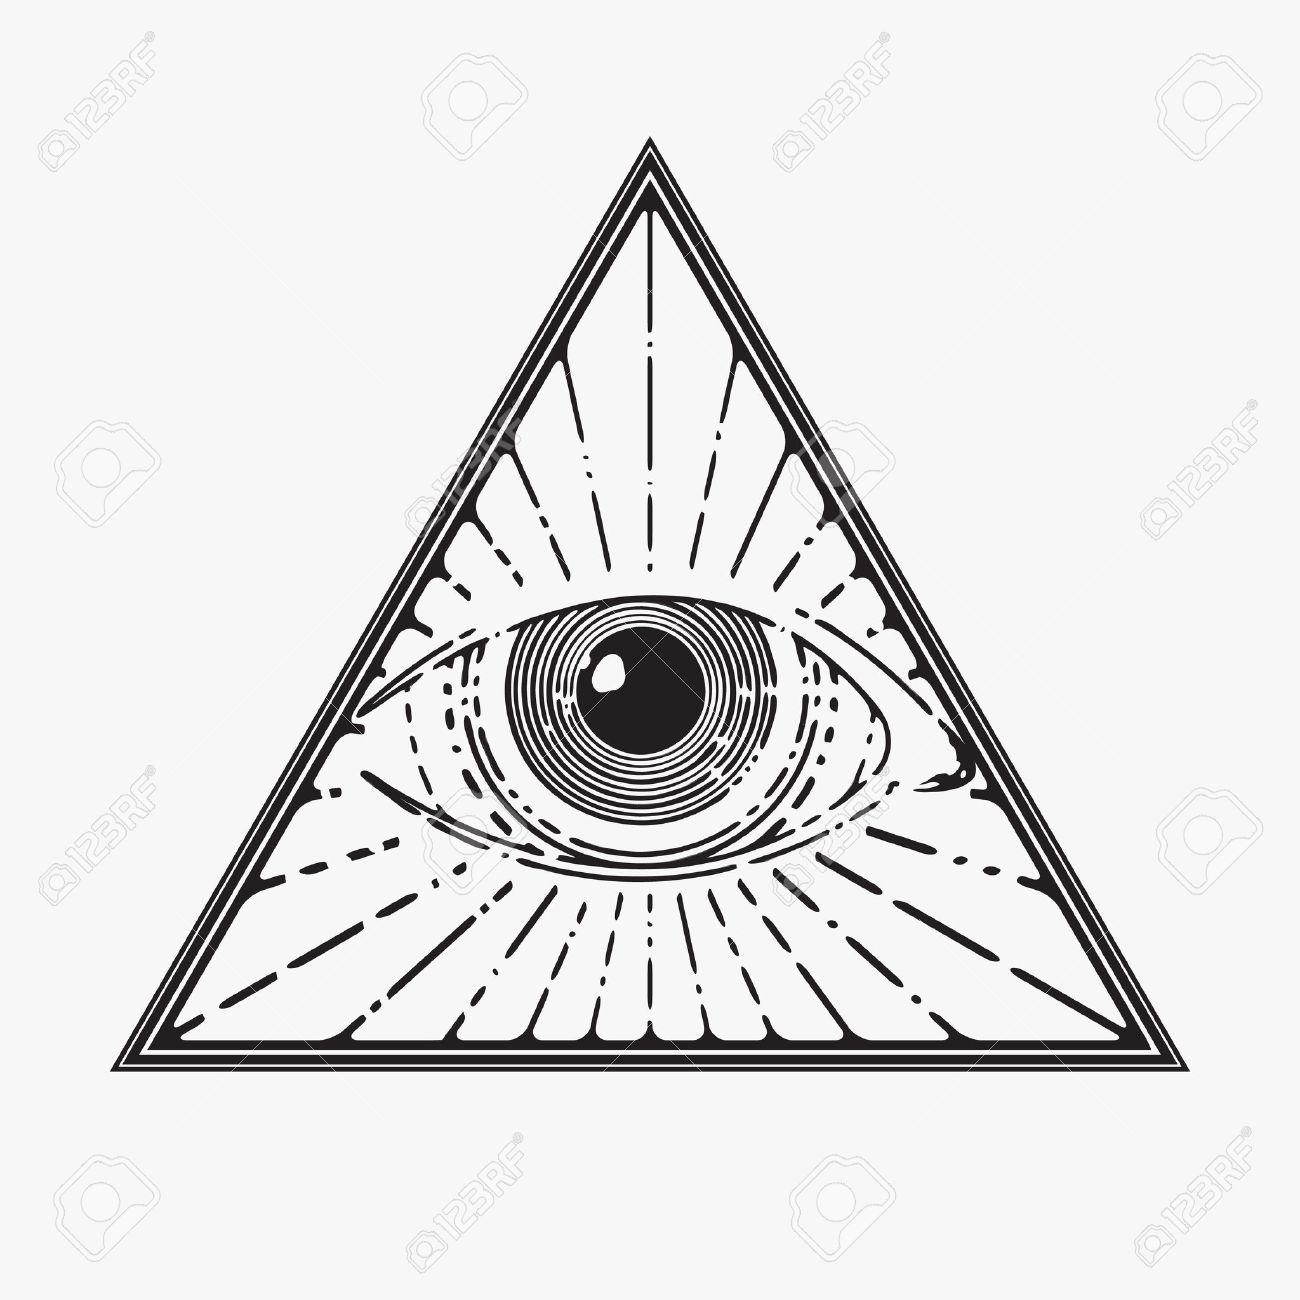 Illuminati clipart #15